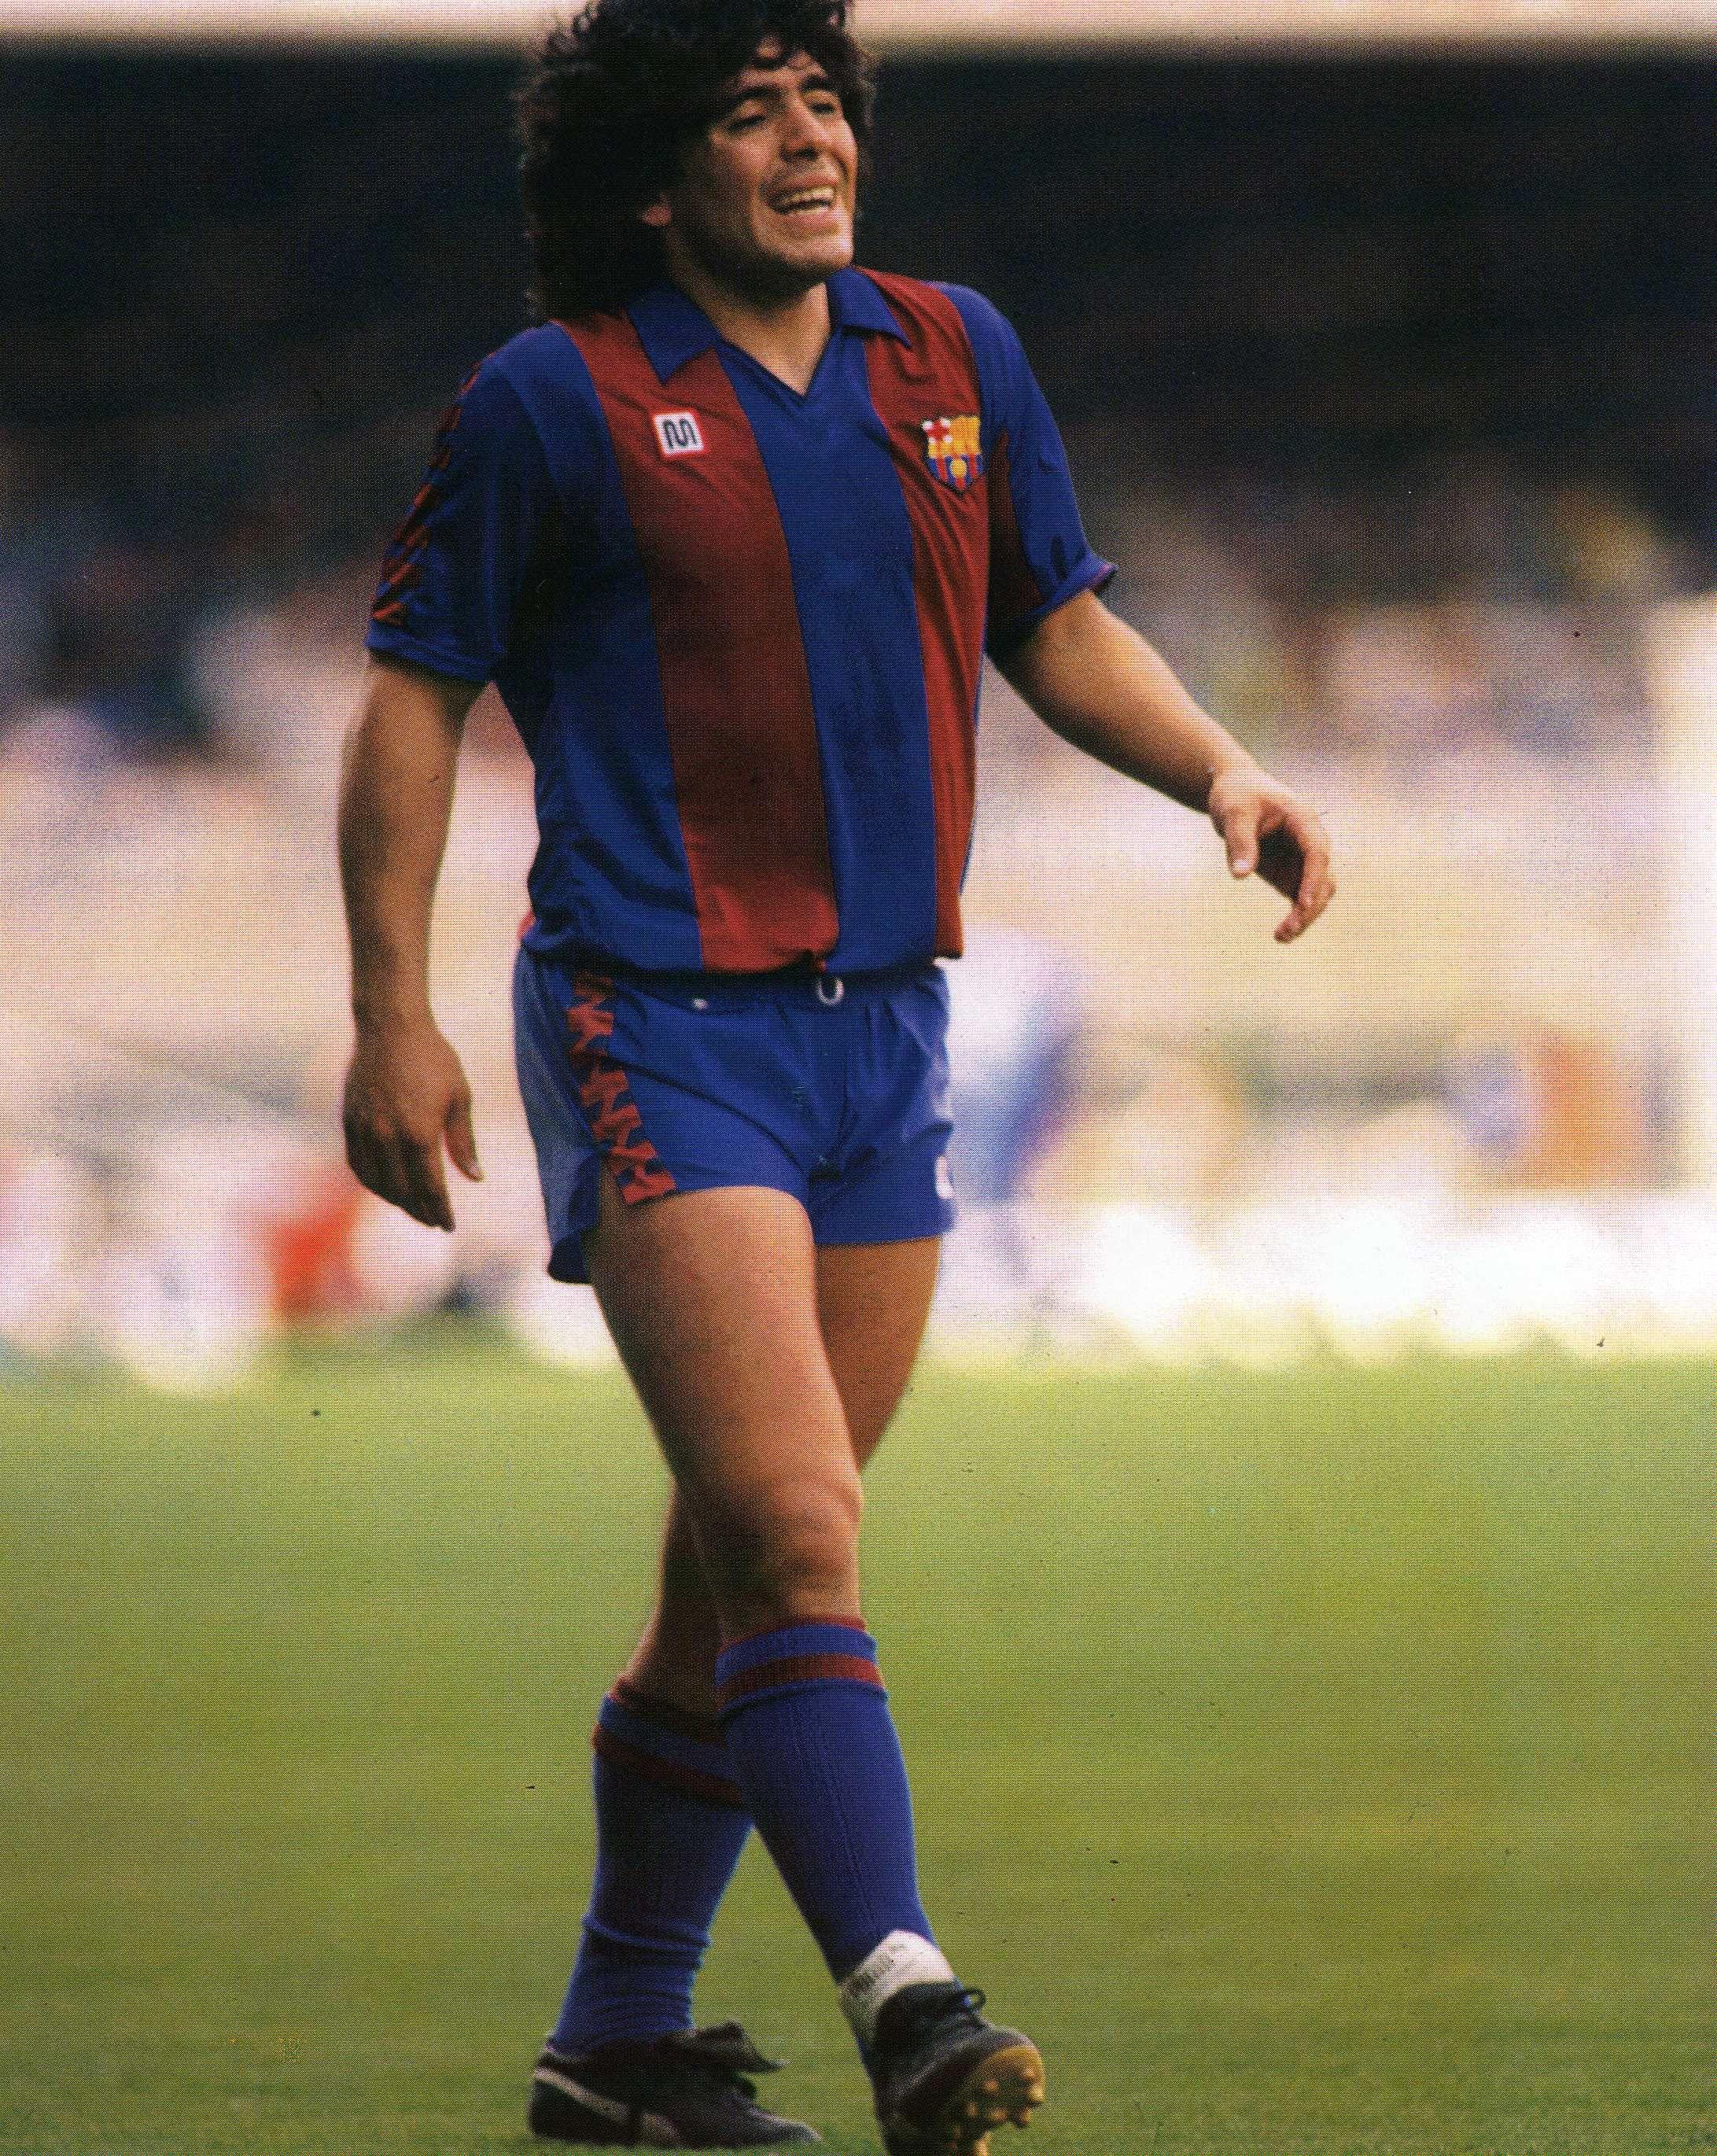 डिएगो माराडोना बार्सिलोना के लिए खेल रहे हैं